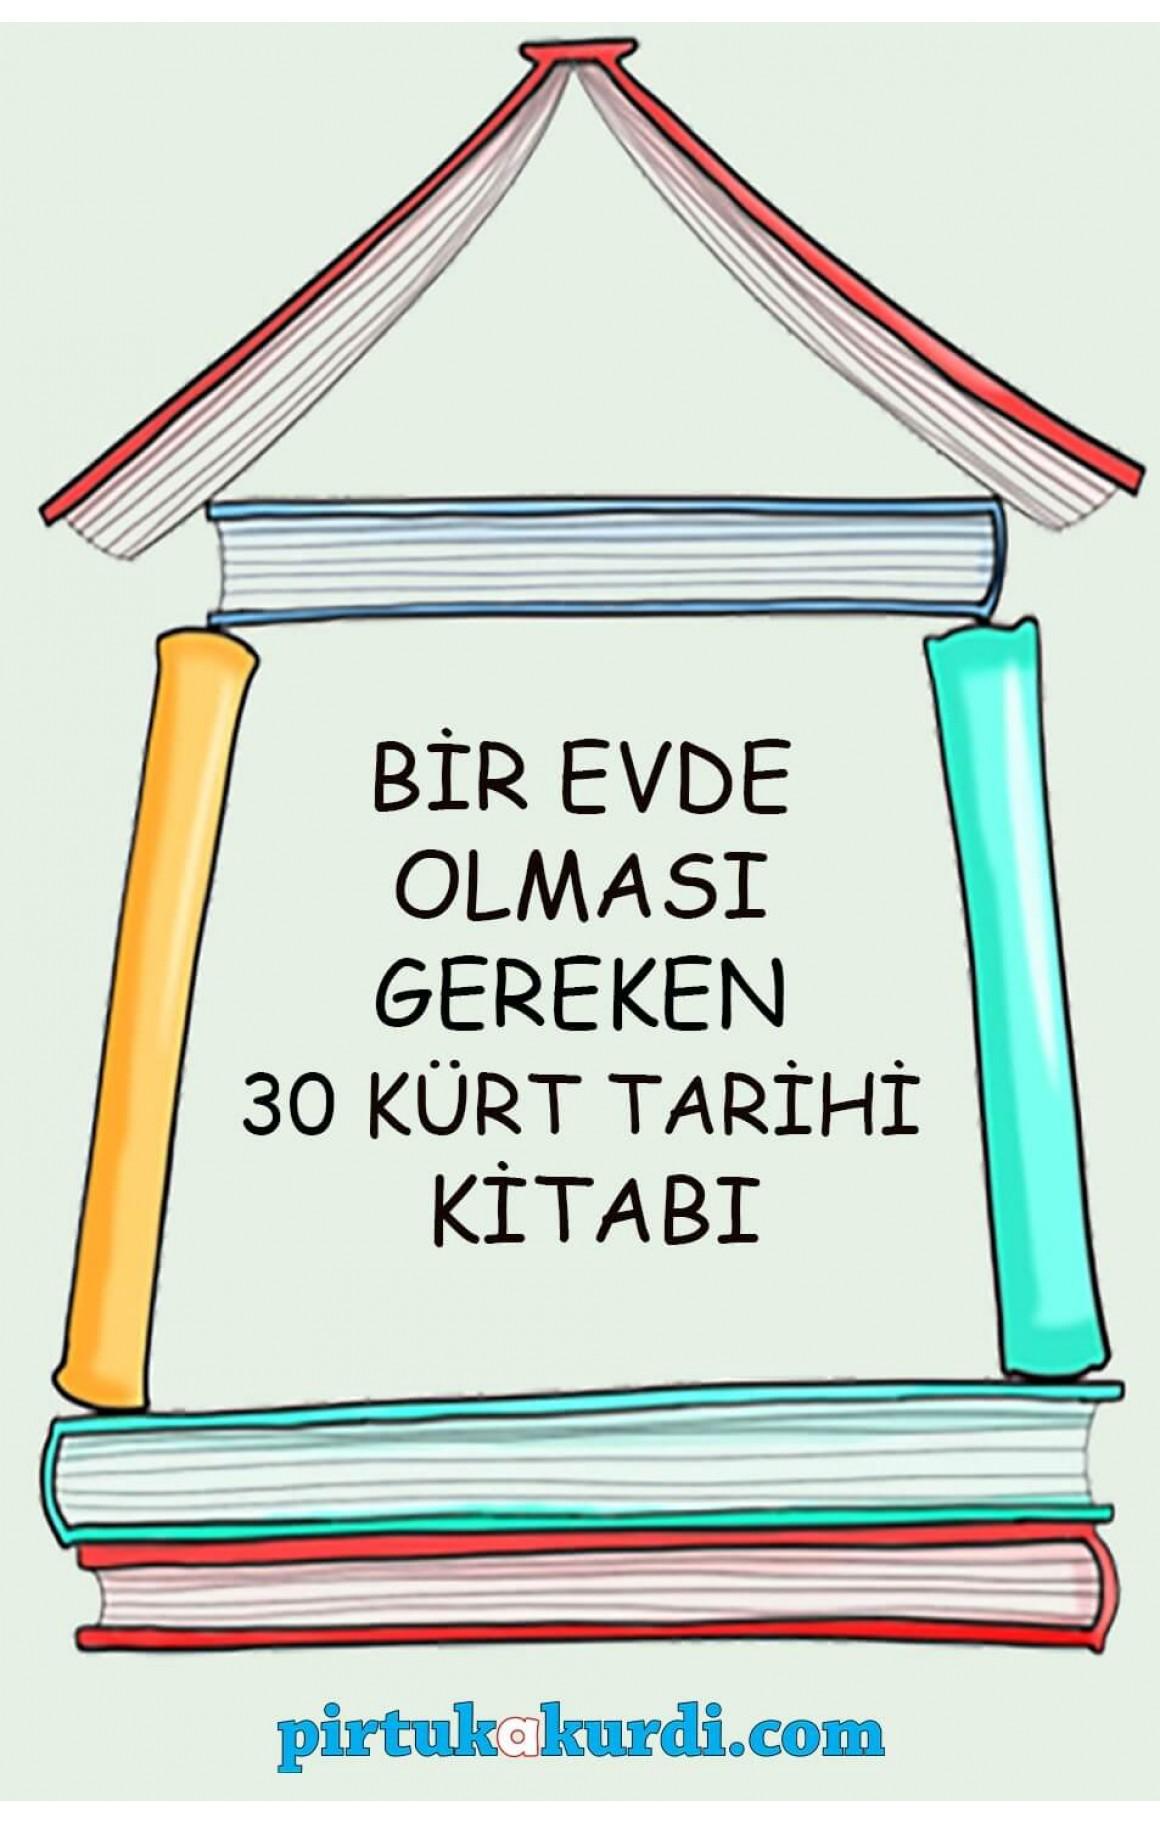 Bir Evde Olması Gereken 30 Kürt Tarihi Kitabı